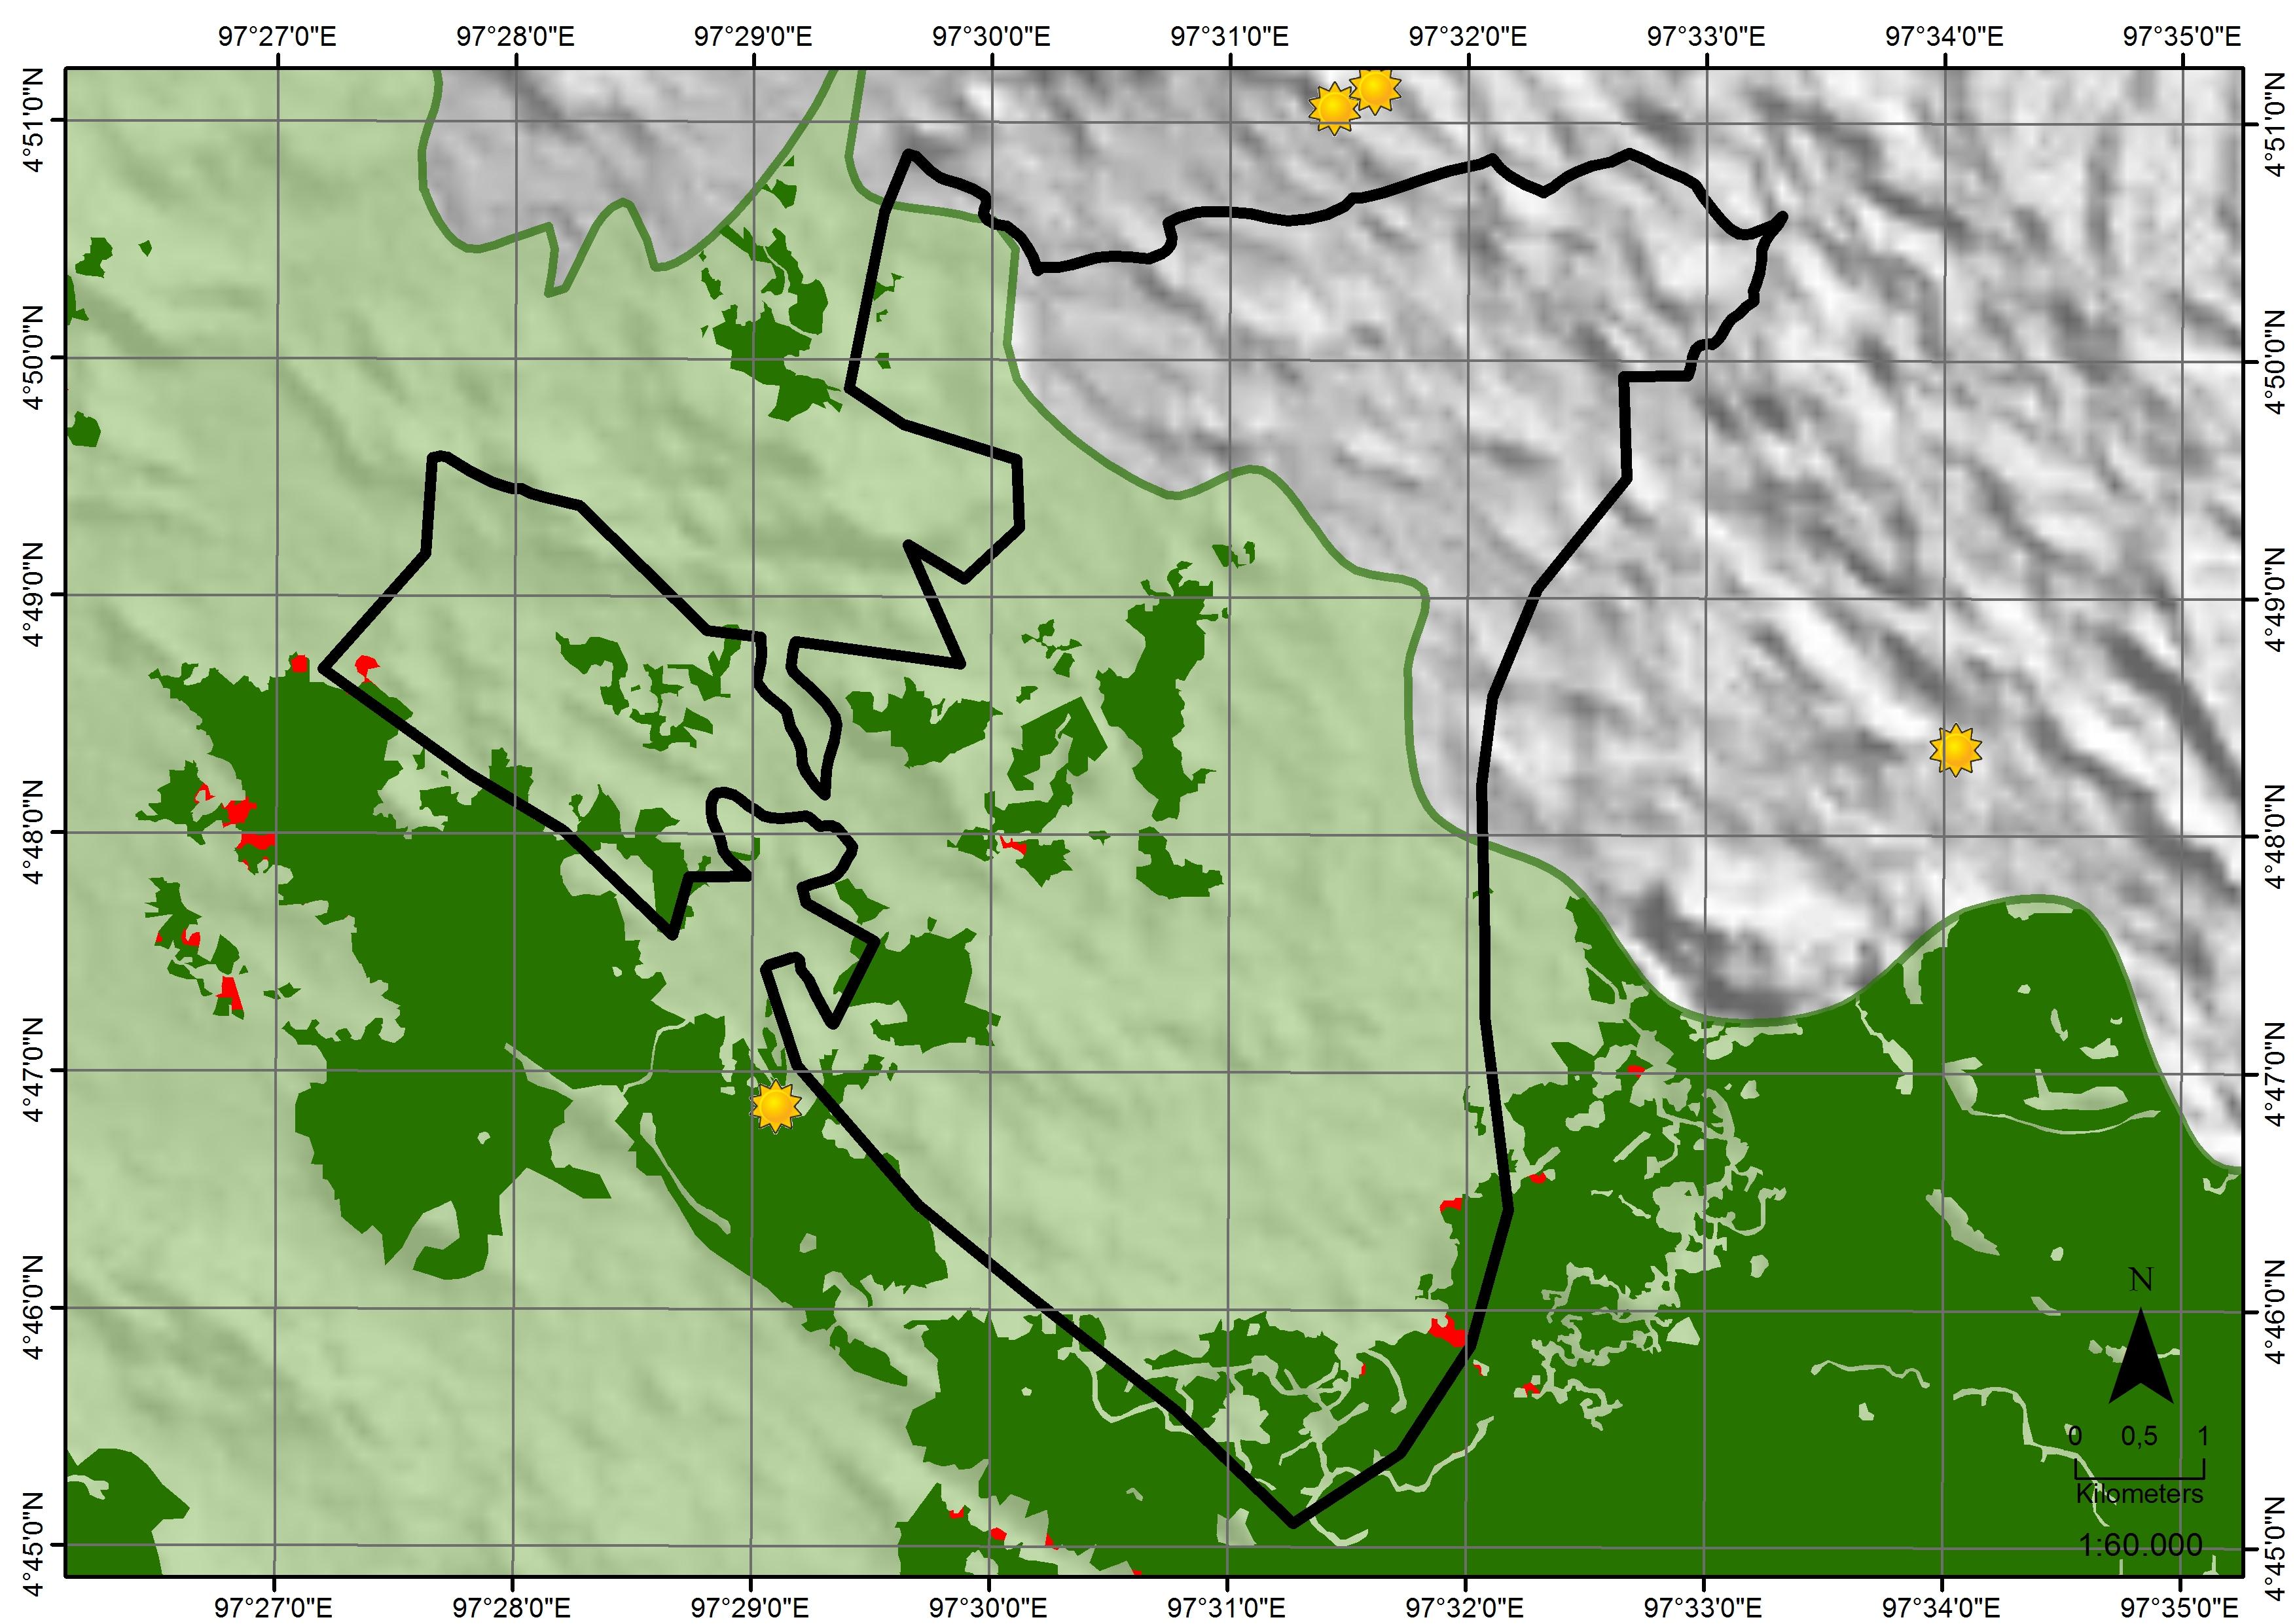 Tualang Raya satellite analysis image